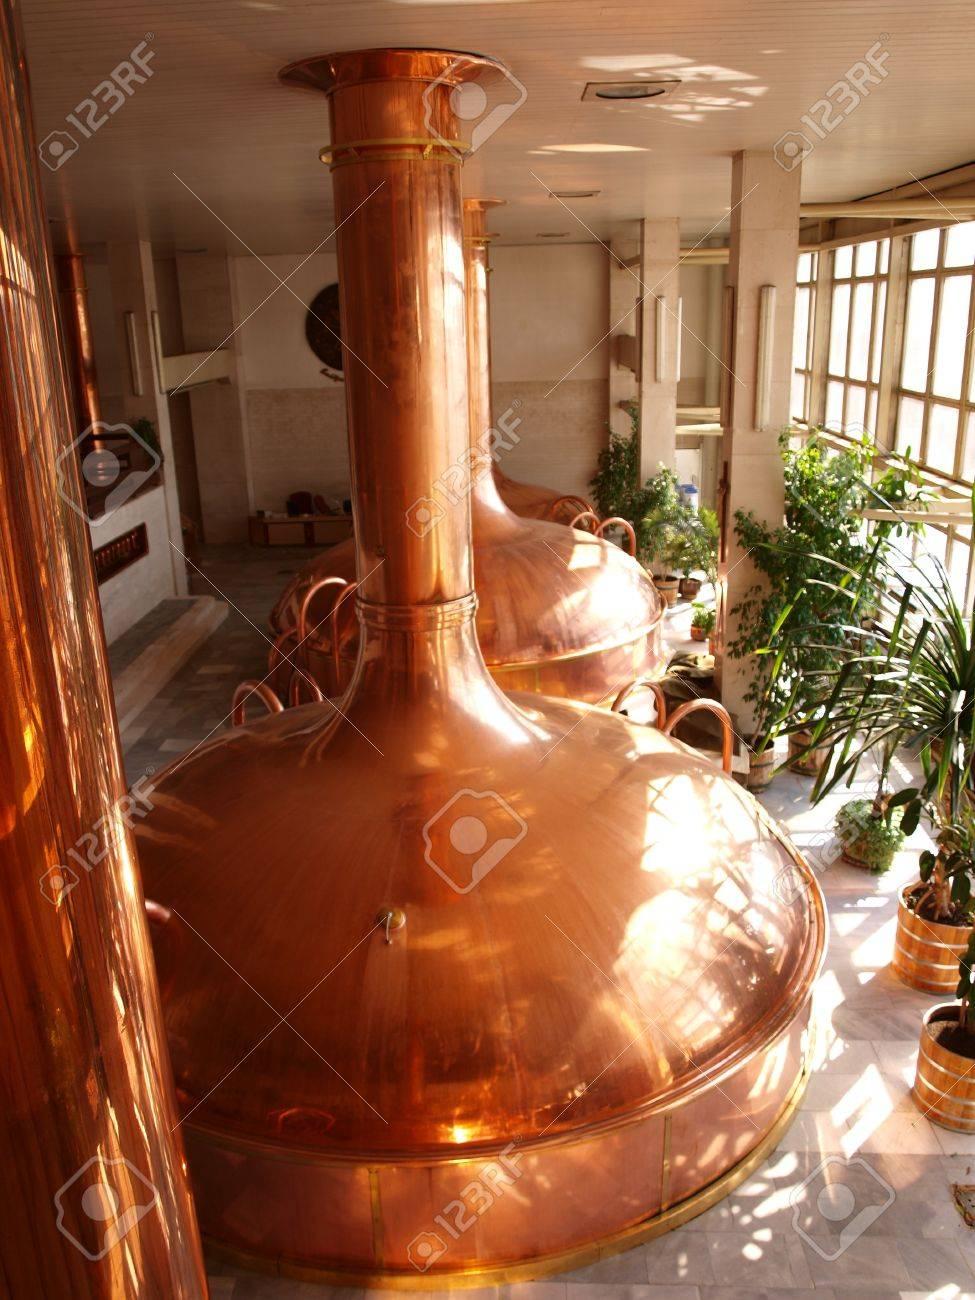 Malthouse at the Budvar brewery, Ceske Budejovice, Czech Republic Stock Photo - 15131911